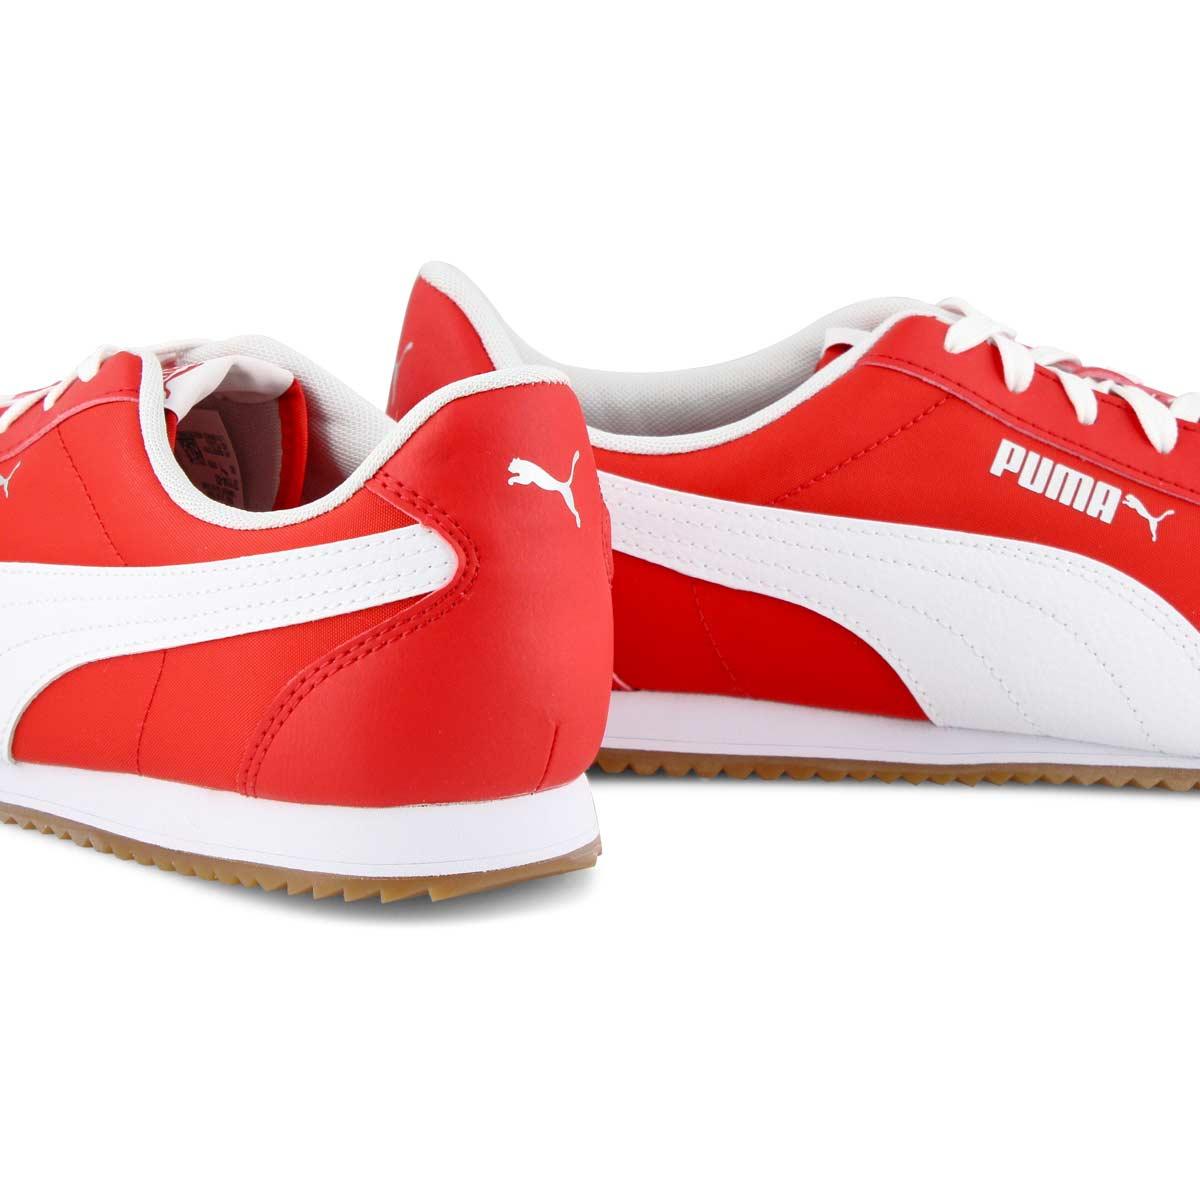 Mns Turino NL red/wht fashion sneaker